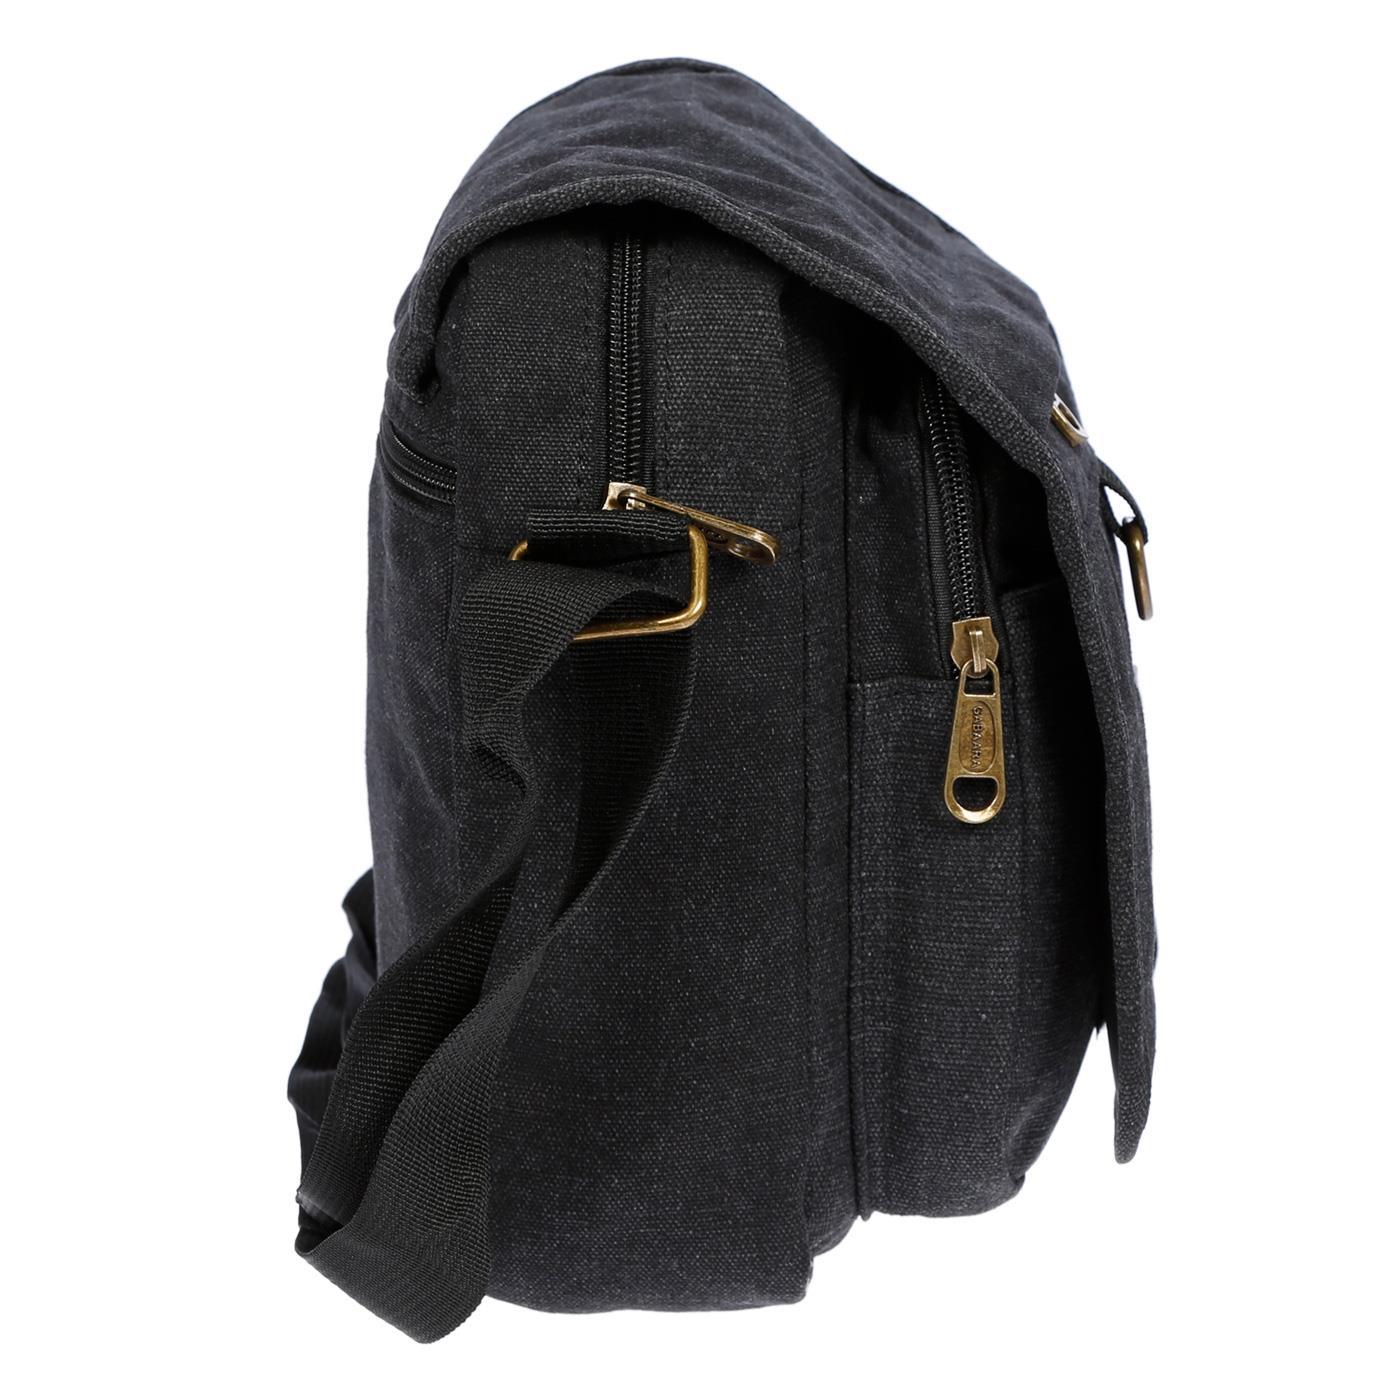 Damen-Herren-Tasche-Canvas-Umhaengetasche-Schultertasche-Crossover-Bag-Handtasche Indexbild 13